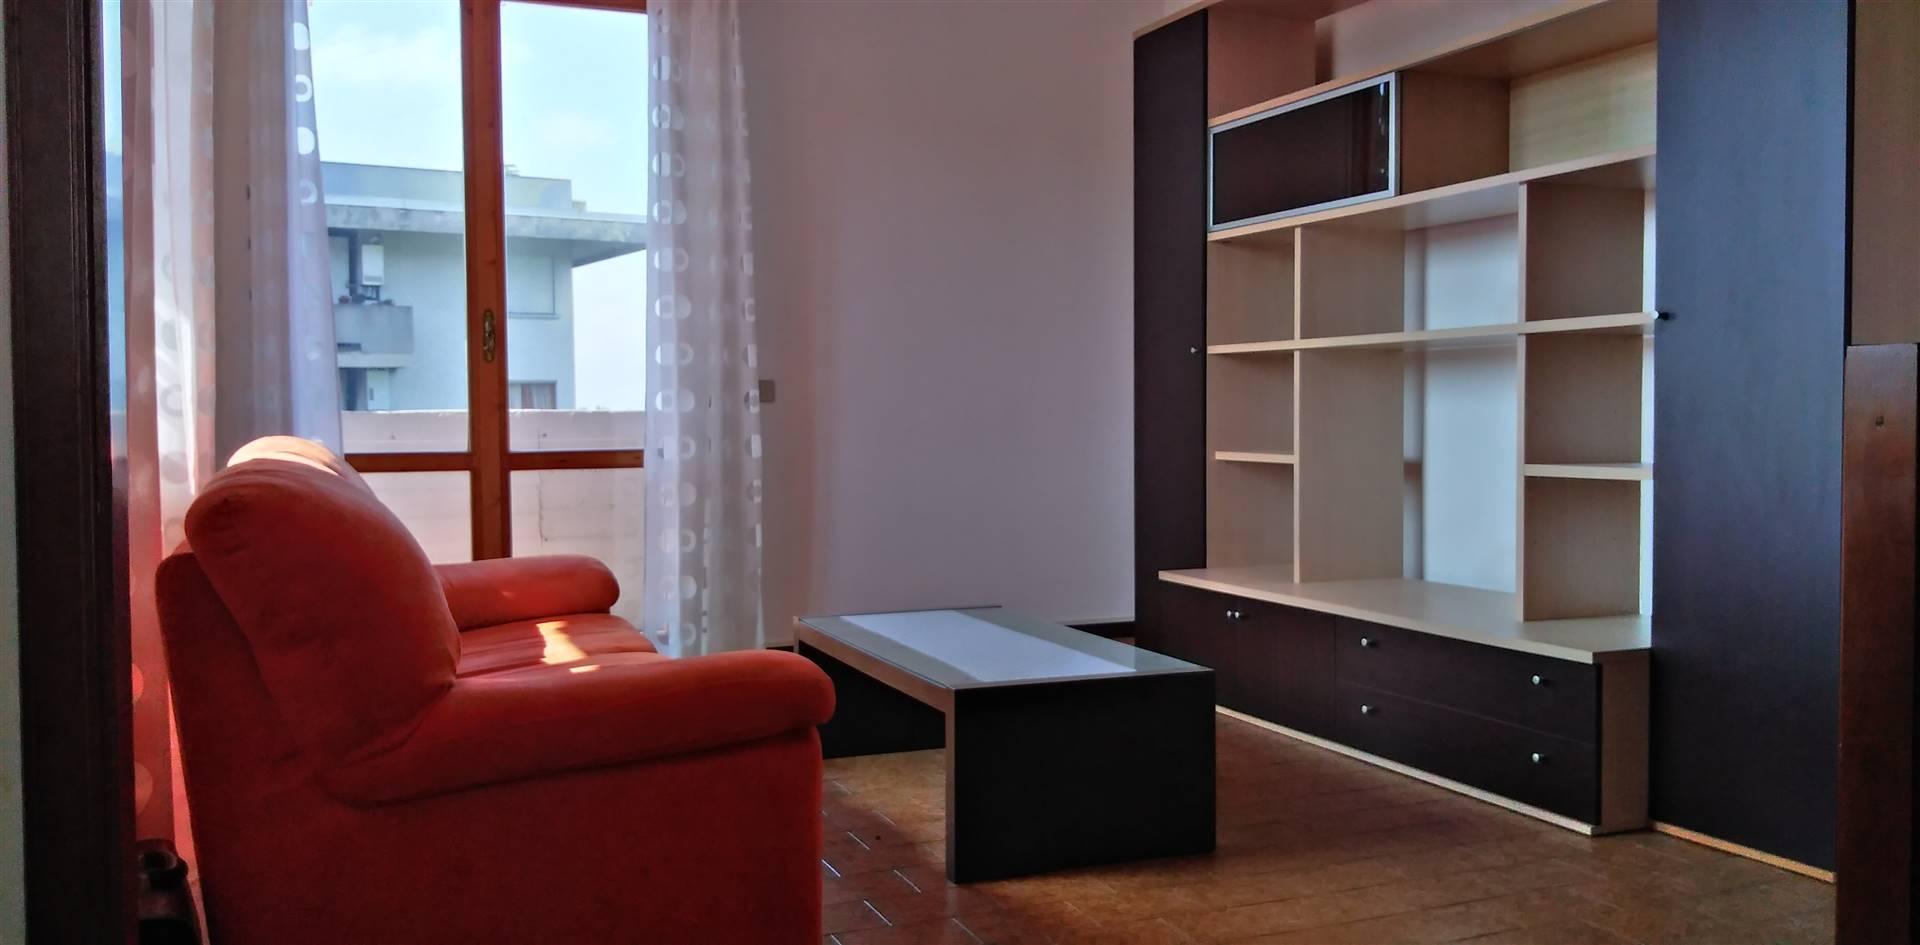 Appartamento in vendita a Montecatini-Terme, 3 locali, prezzo € 150.000   PortaleAgenzieImmobiliari.it